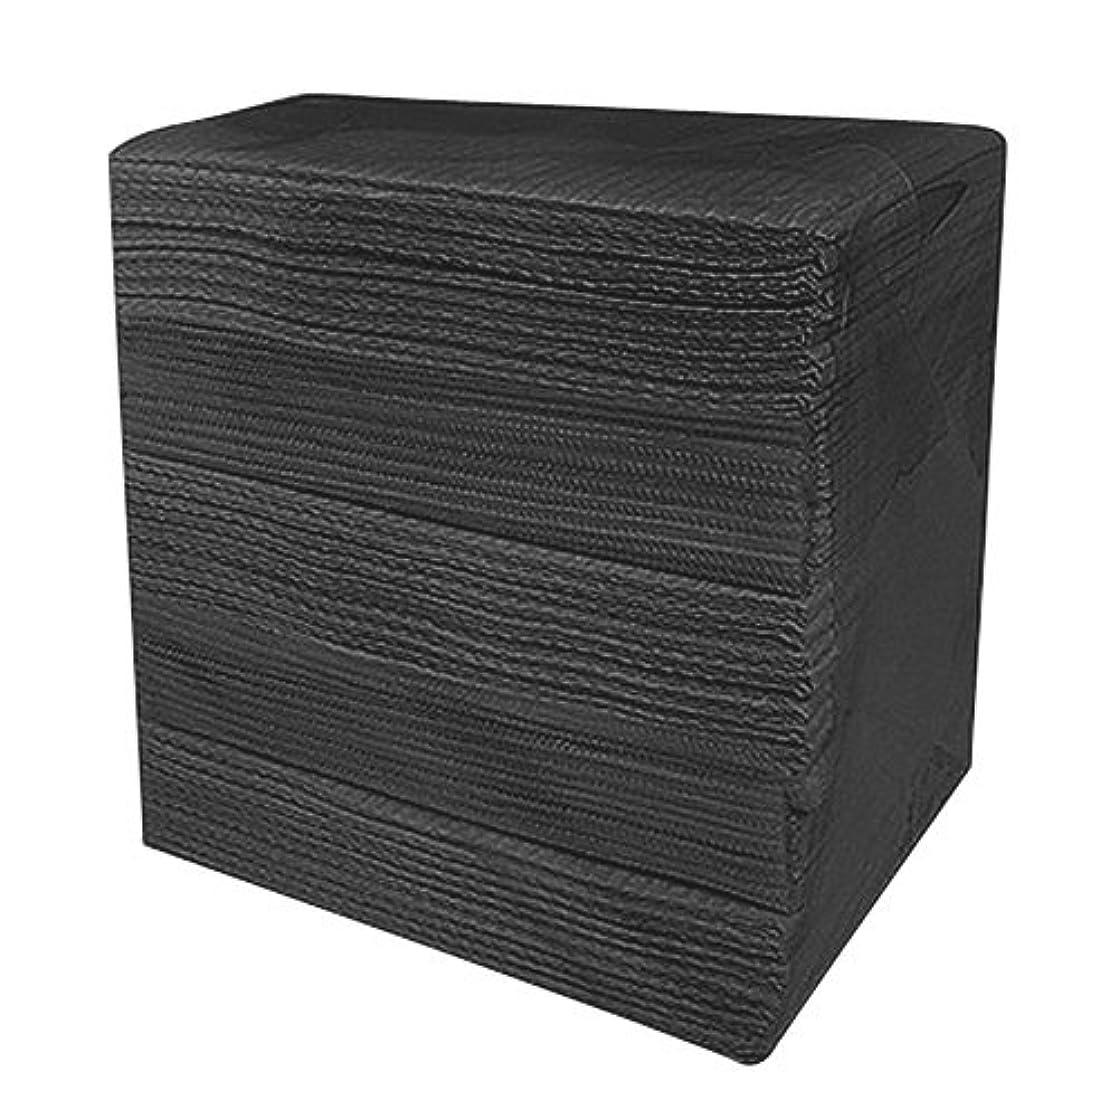 発見緩む粘性の完全防水ネイルペーパー ブラック 50枚入